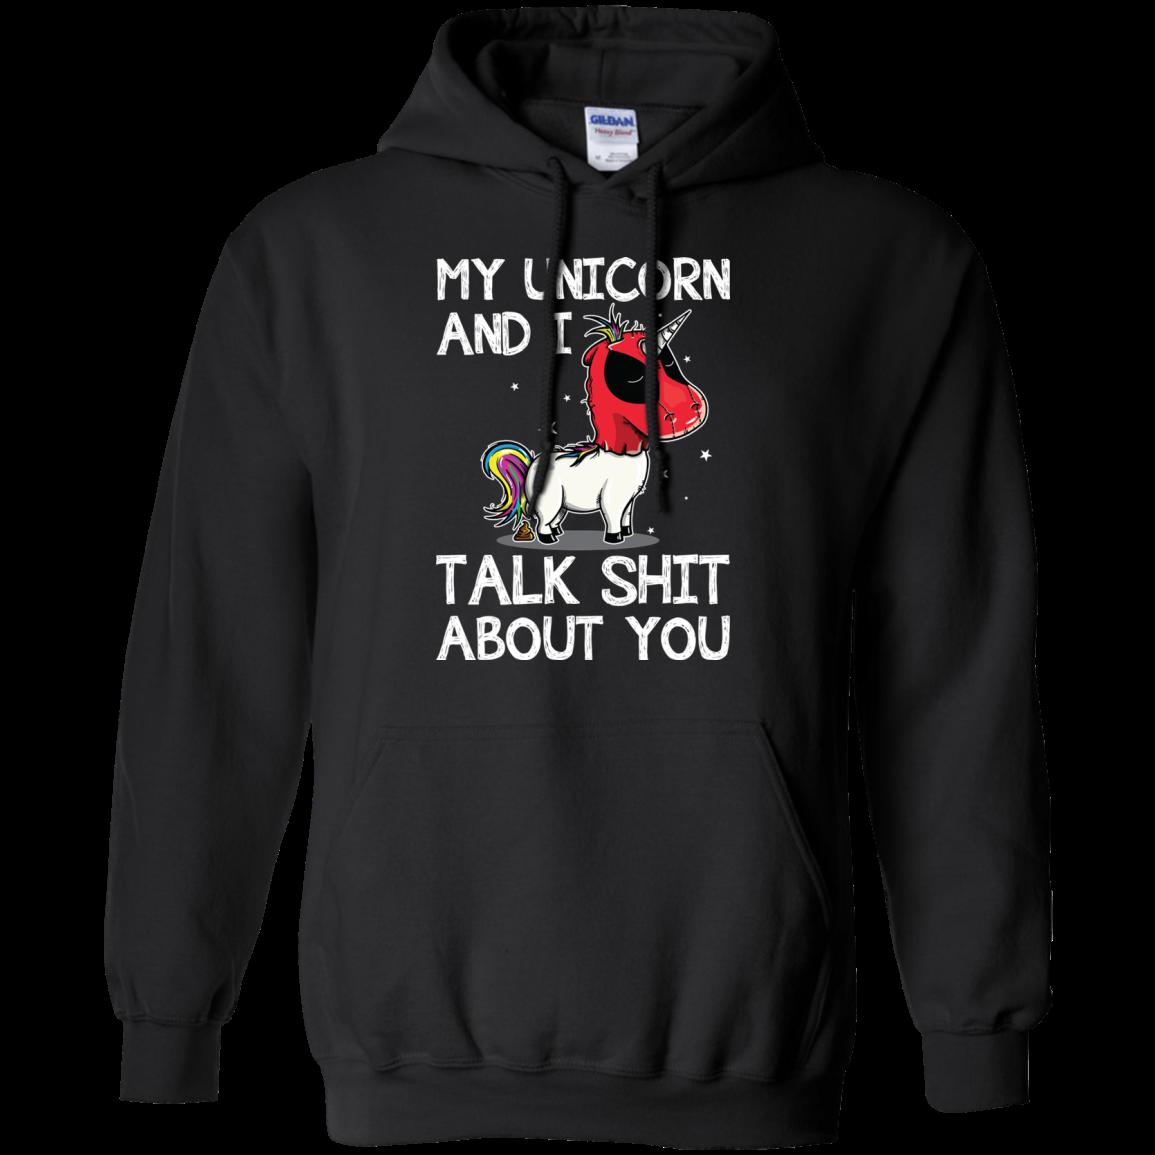 My unicorn talk shit about you